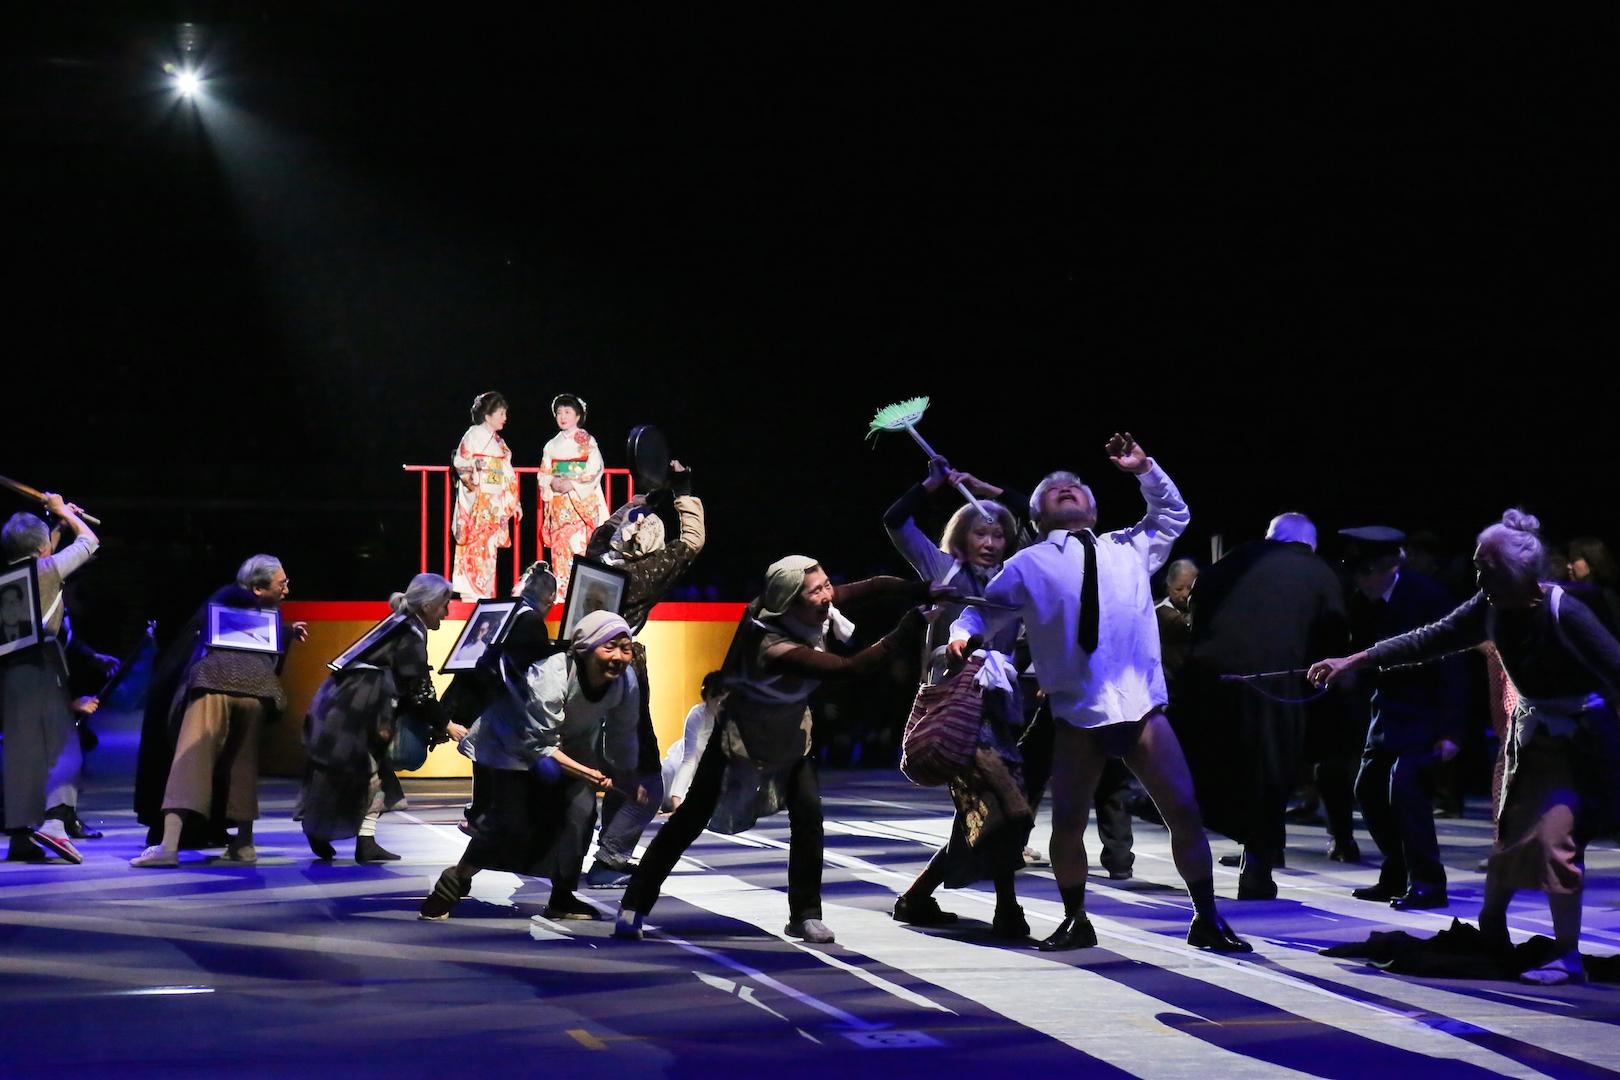 1万人のゴールド・シアター2016 『金色交響曲~わたしのゆめ、きみのゆめ~』 撮影:宮川舞子